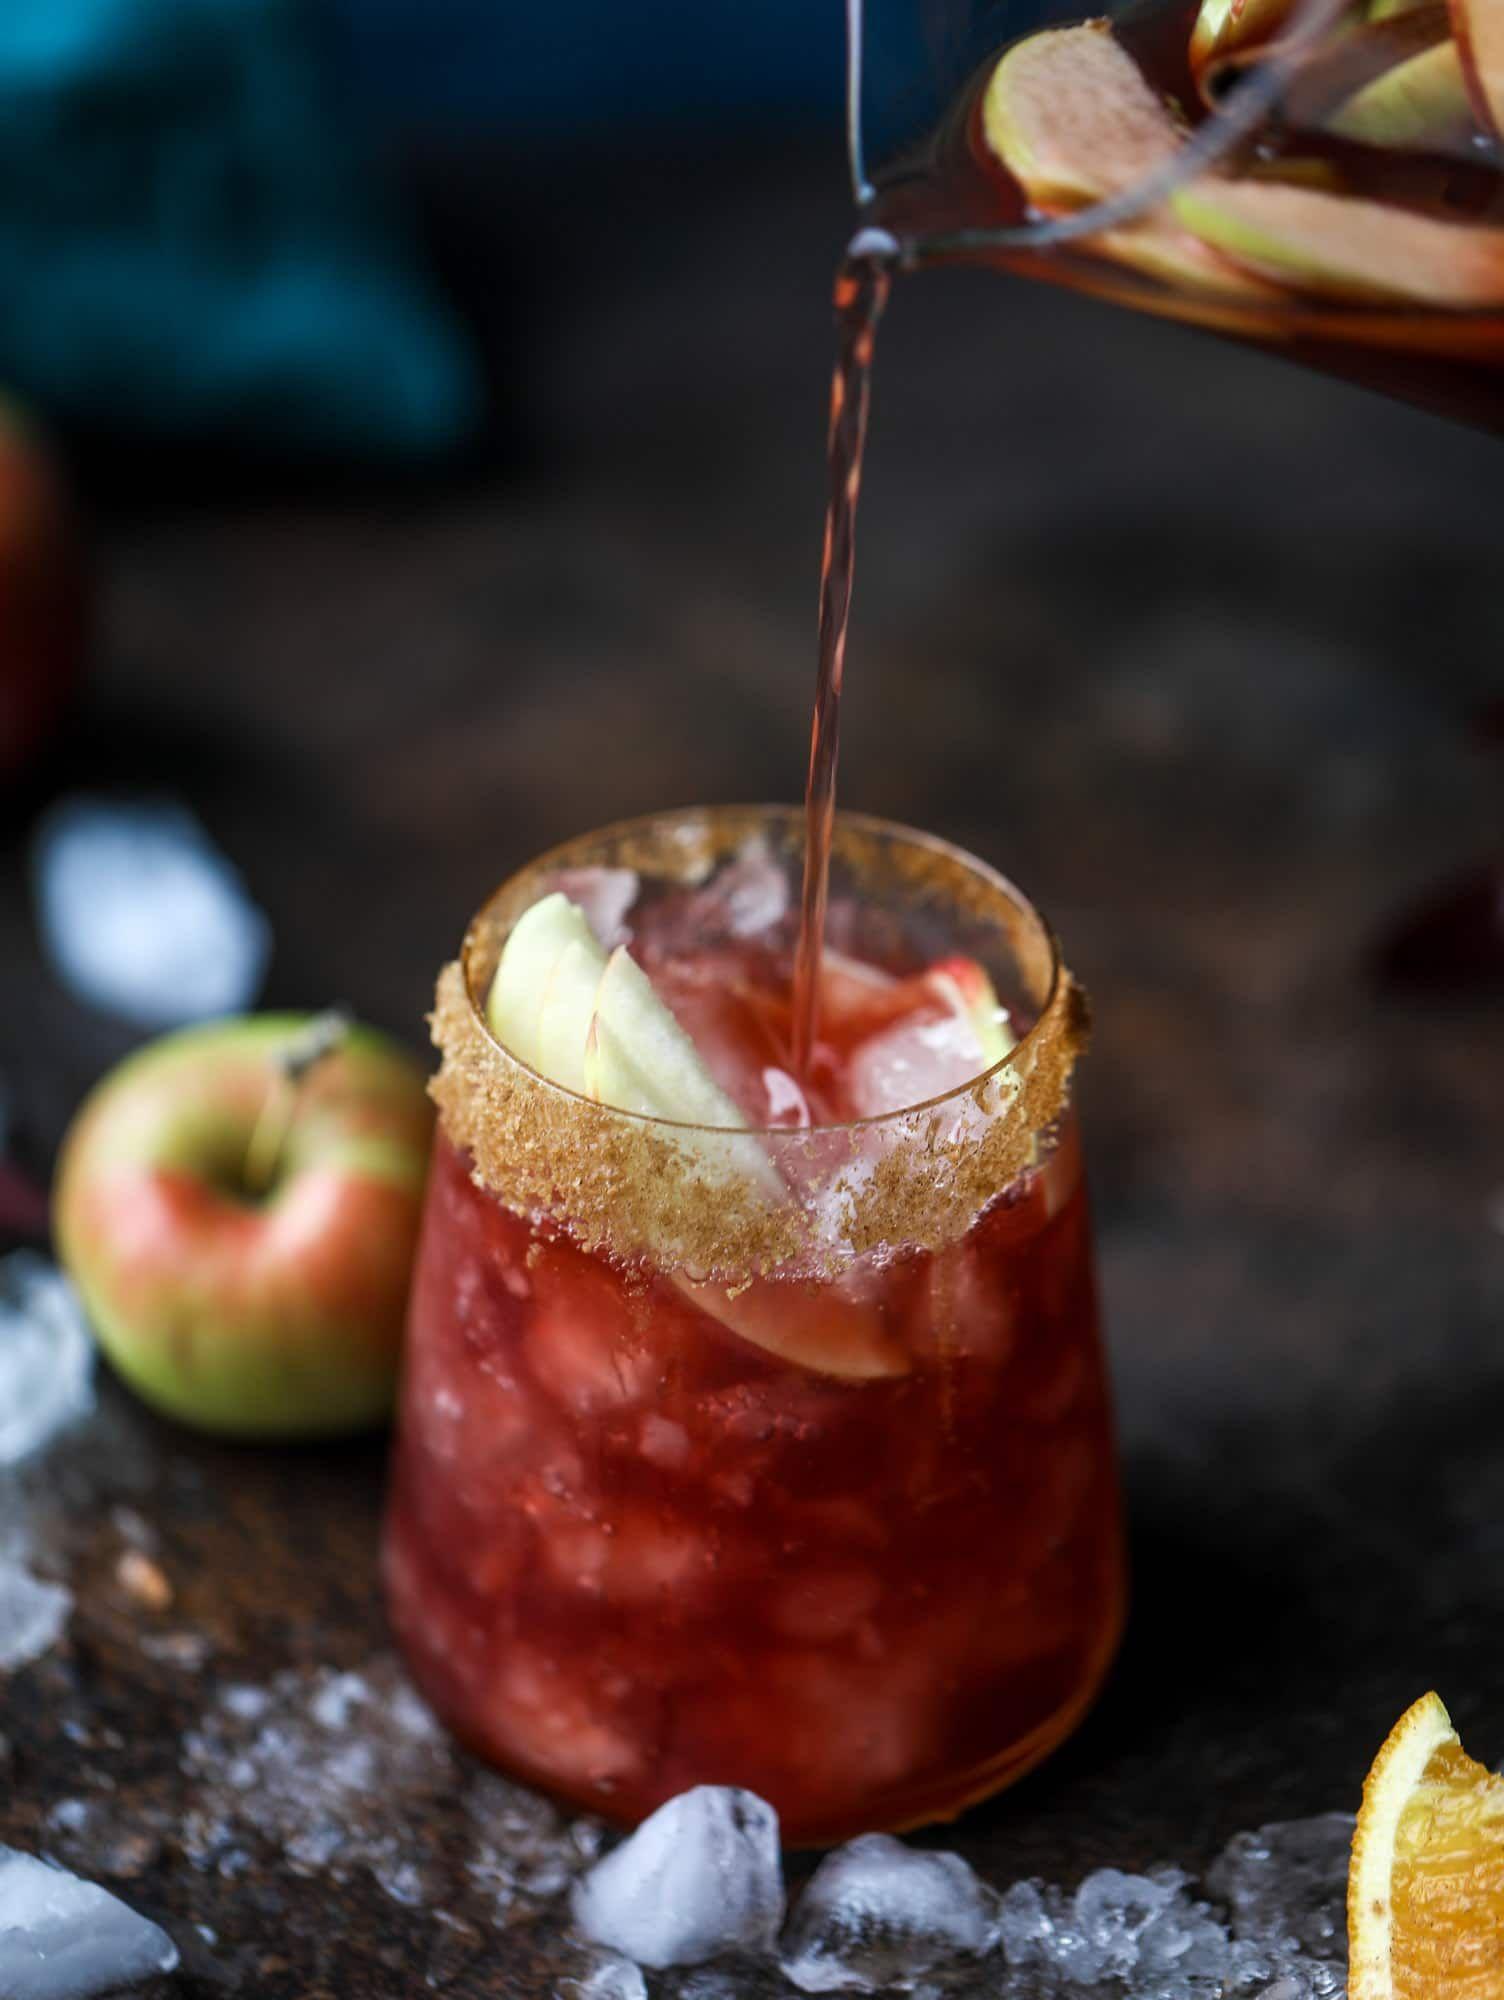 Red Apple Cider Sangria Red Apple Cider Sangria Recipe Apple Cider Sangria Recipe Cider Drinks Apple Cider Sangria